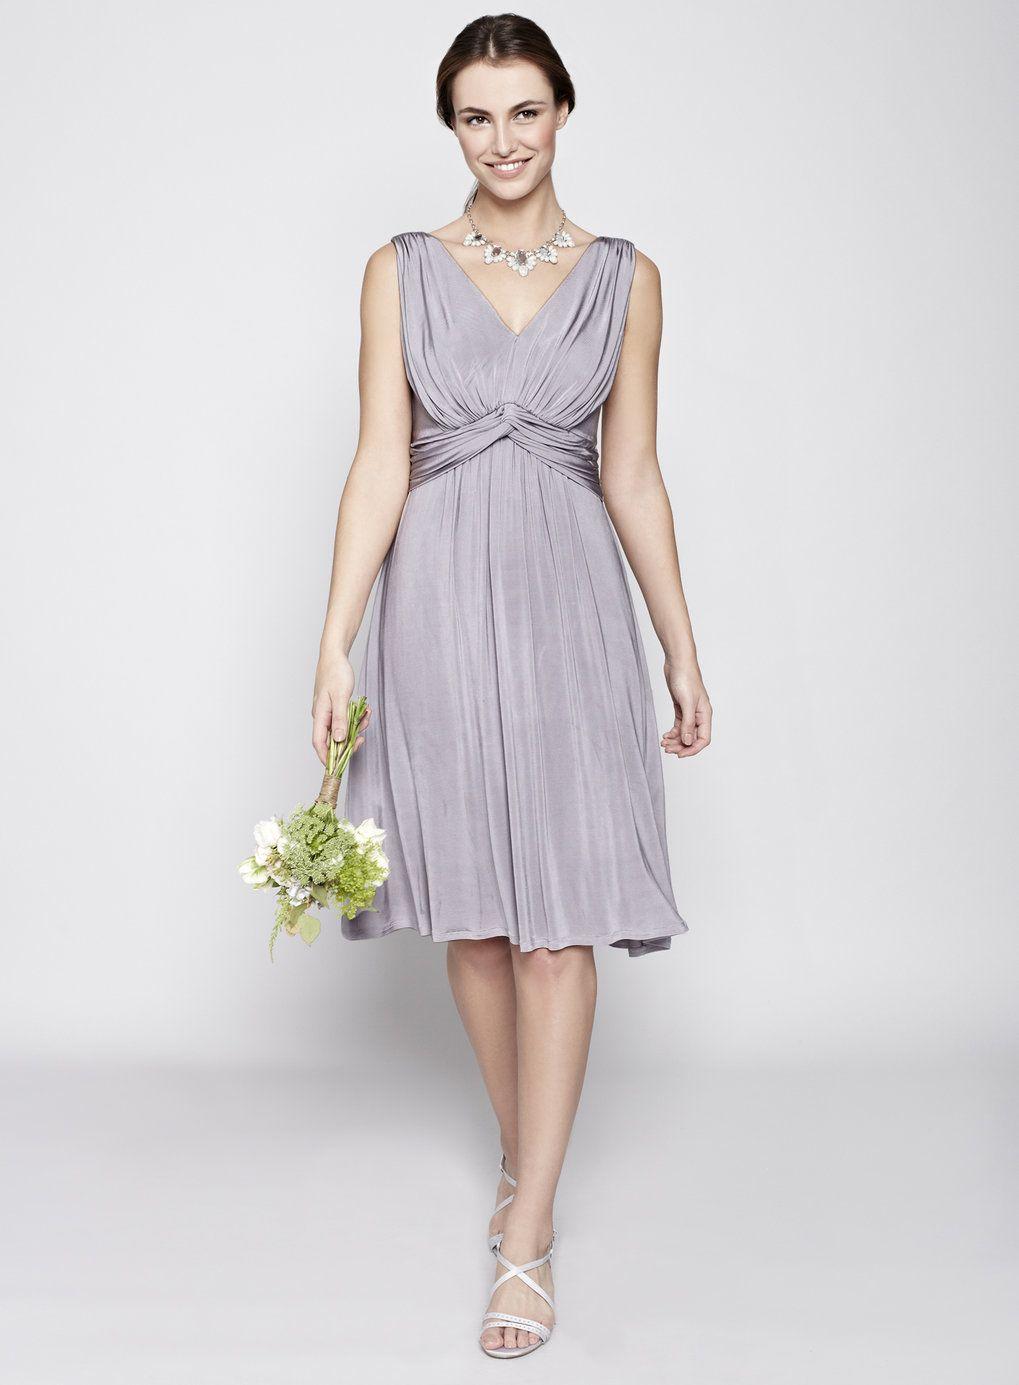 Short grey bridesmaid dresses grey bridesmaid dress pinterest short grey bridesmaid dresses ombrellifo Gallery